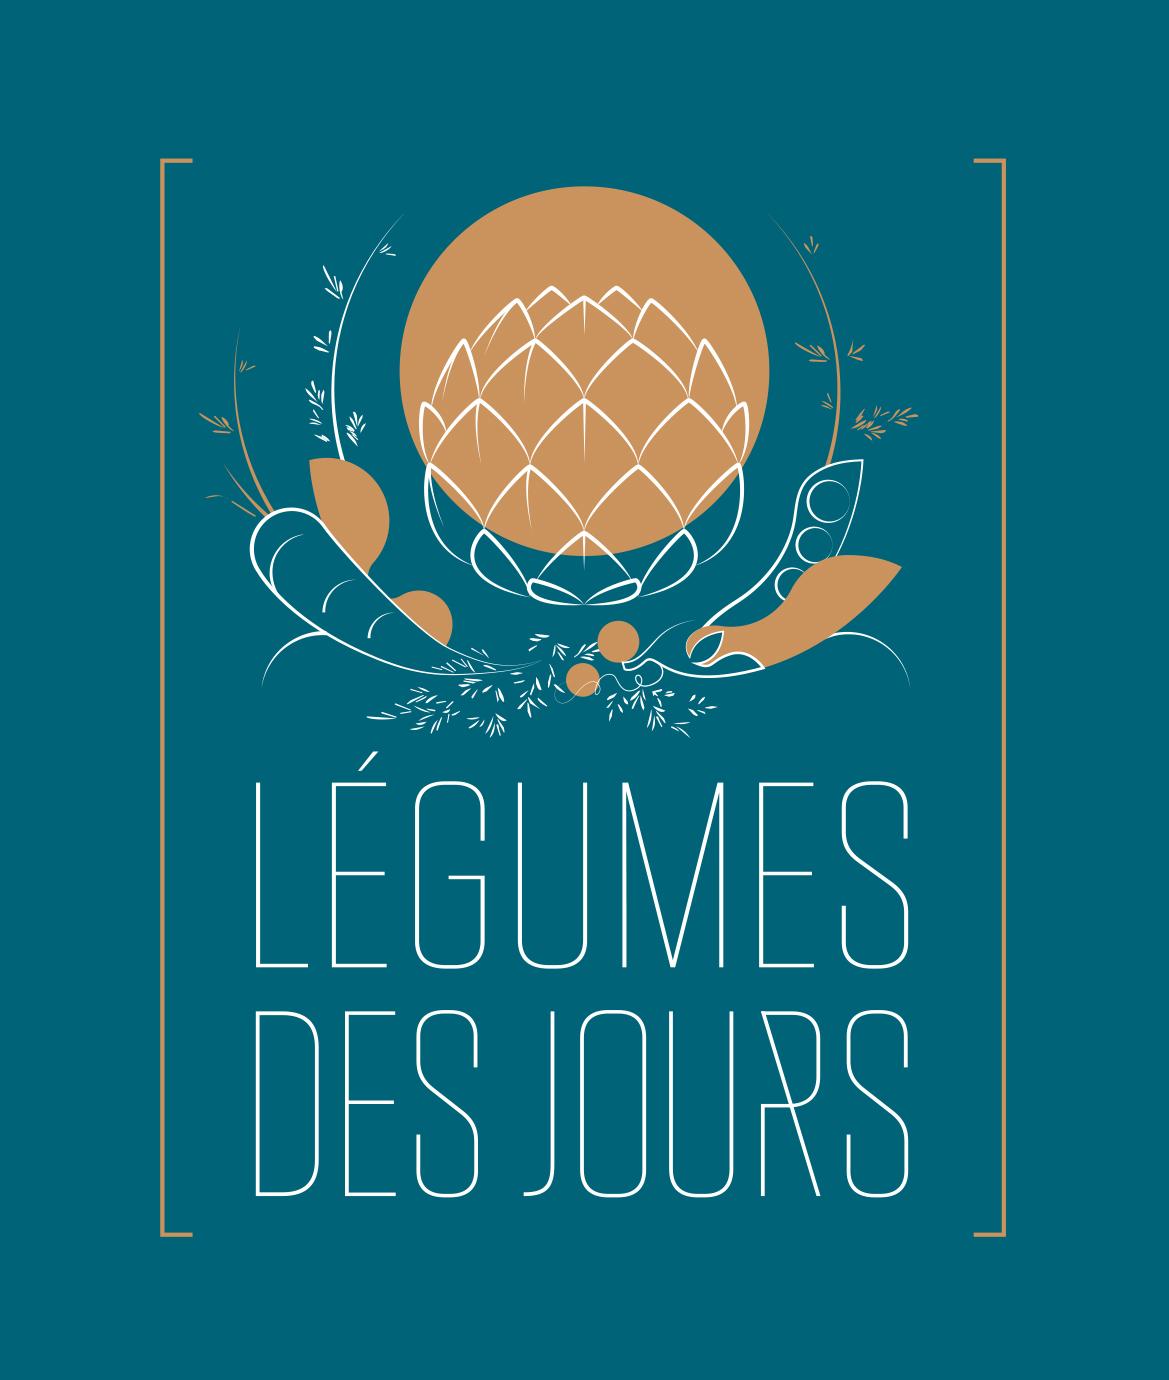 Logo LÉGUMES DES JOURS